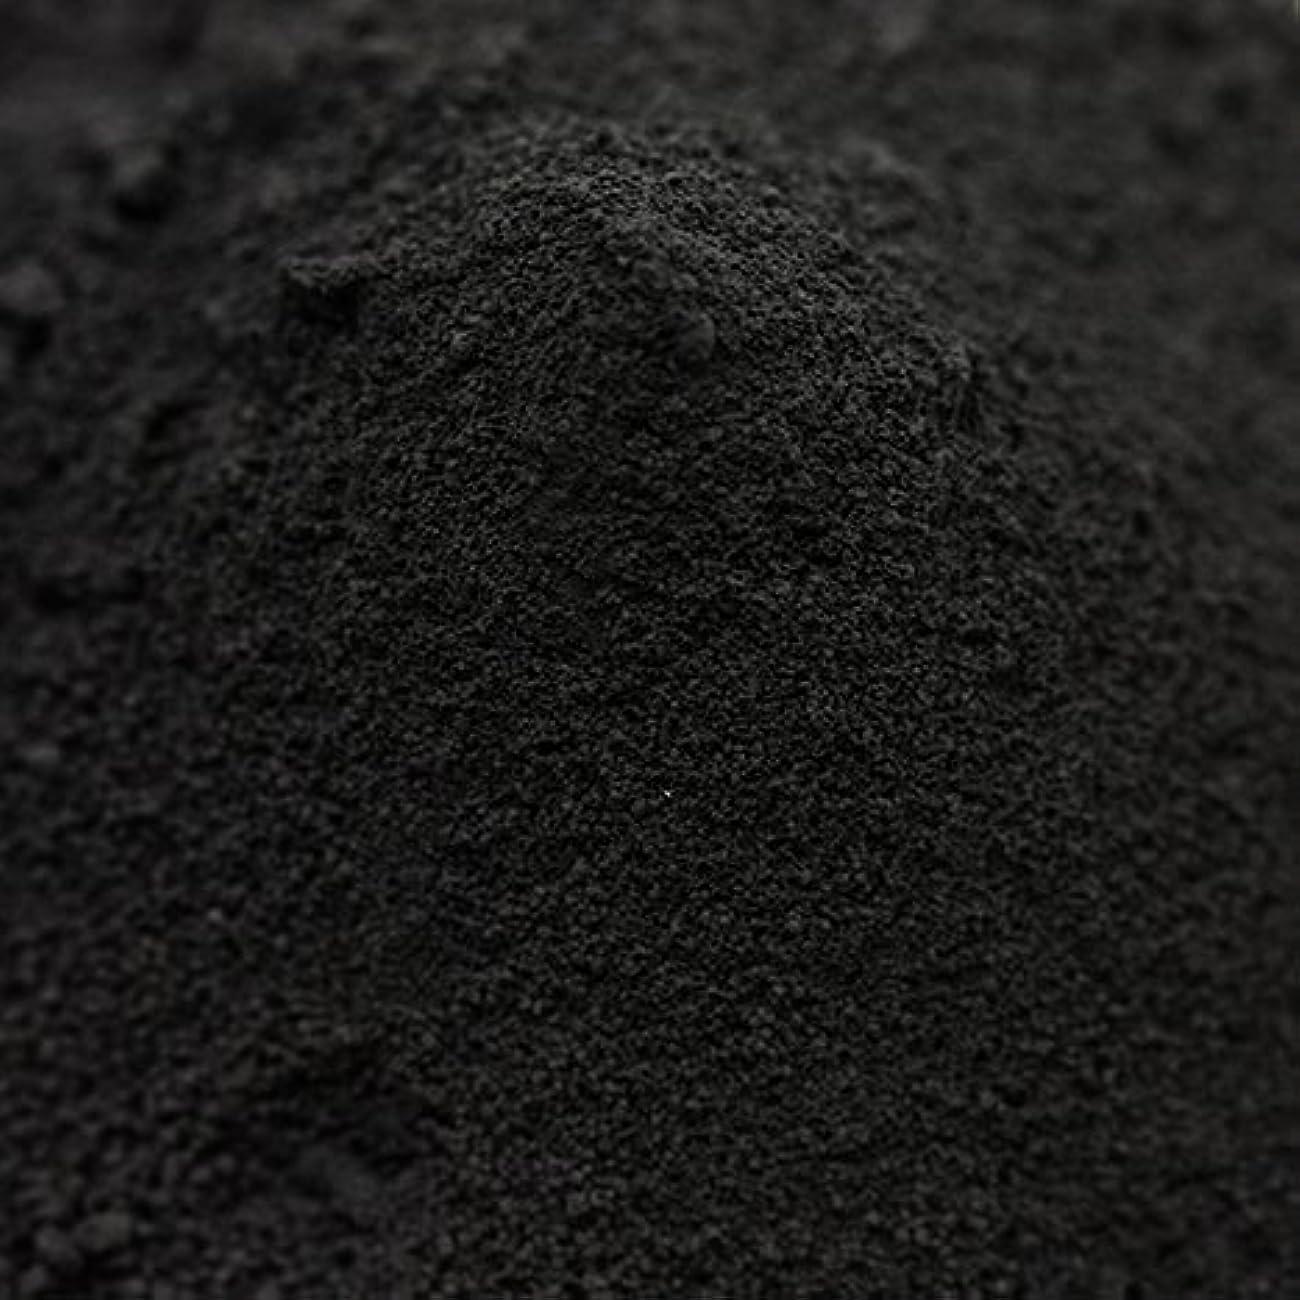 ジョットディボンドン陸軍返済竹炭パウダー(超微粉末) 100g 【手作り石鹸/手作りコスメに】